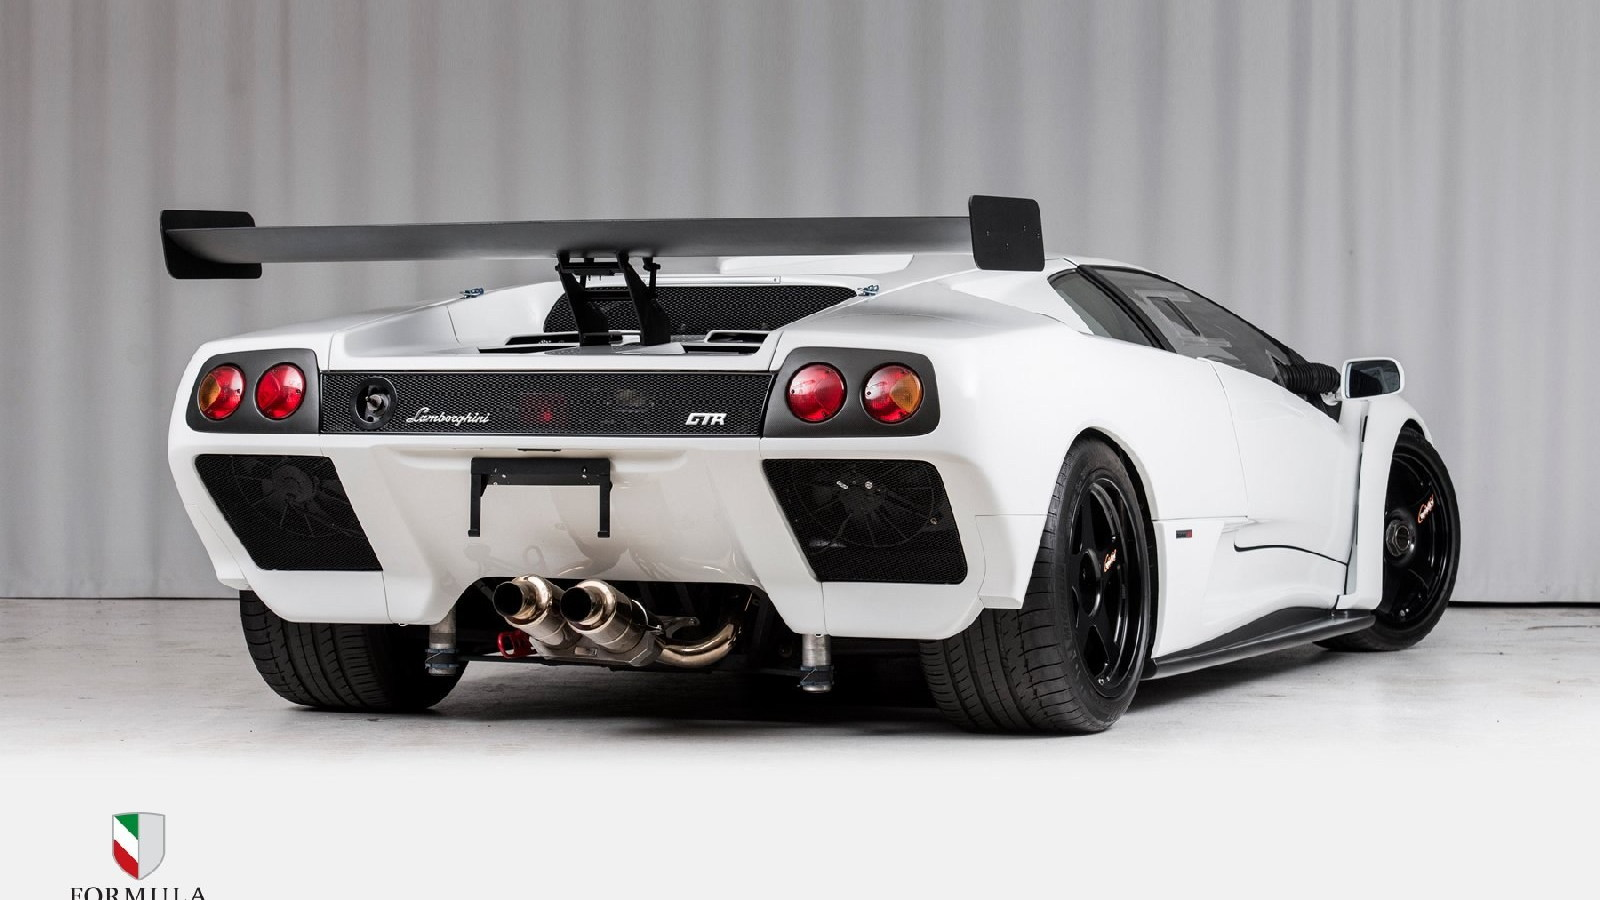 There S A Rare Lamborghini Diablo Gtr For Sale